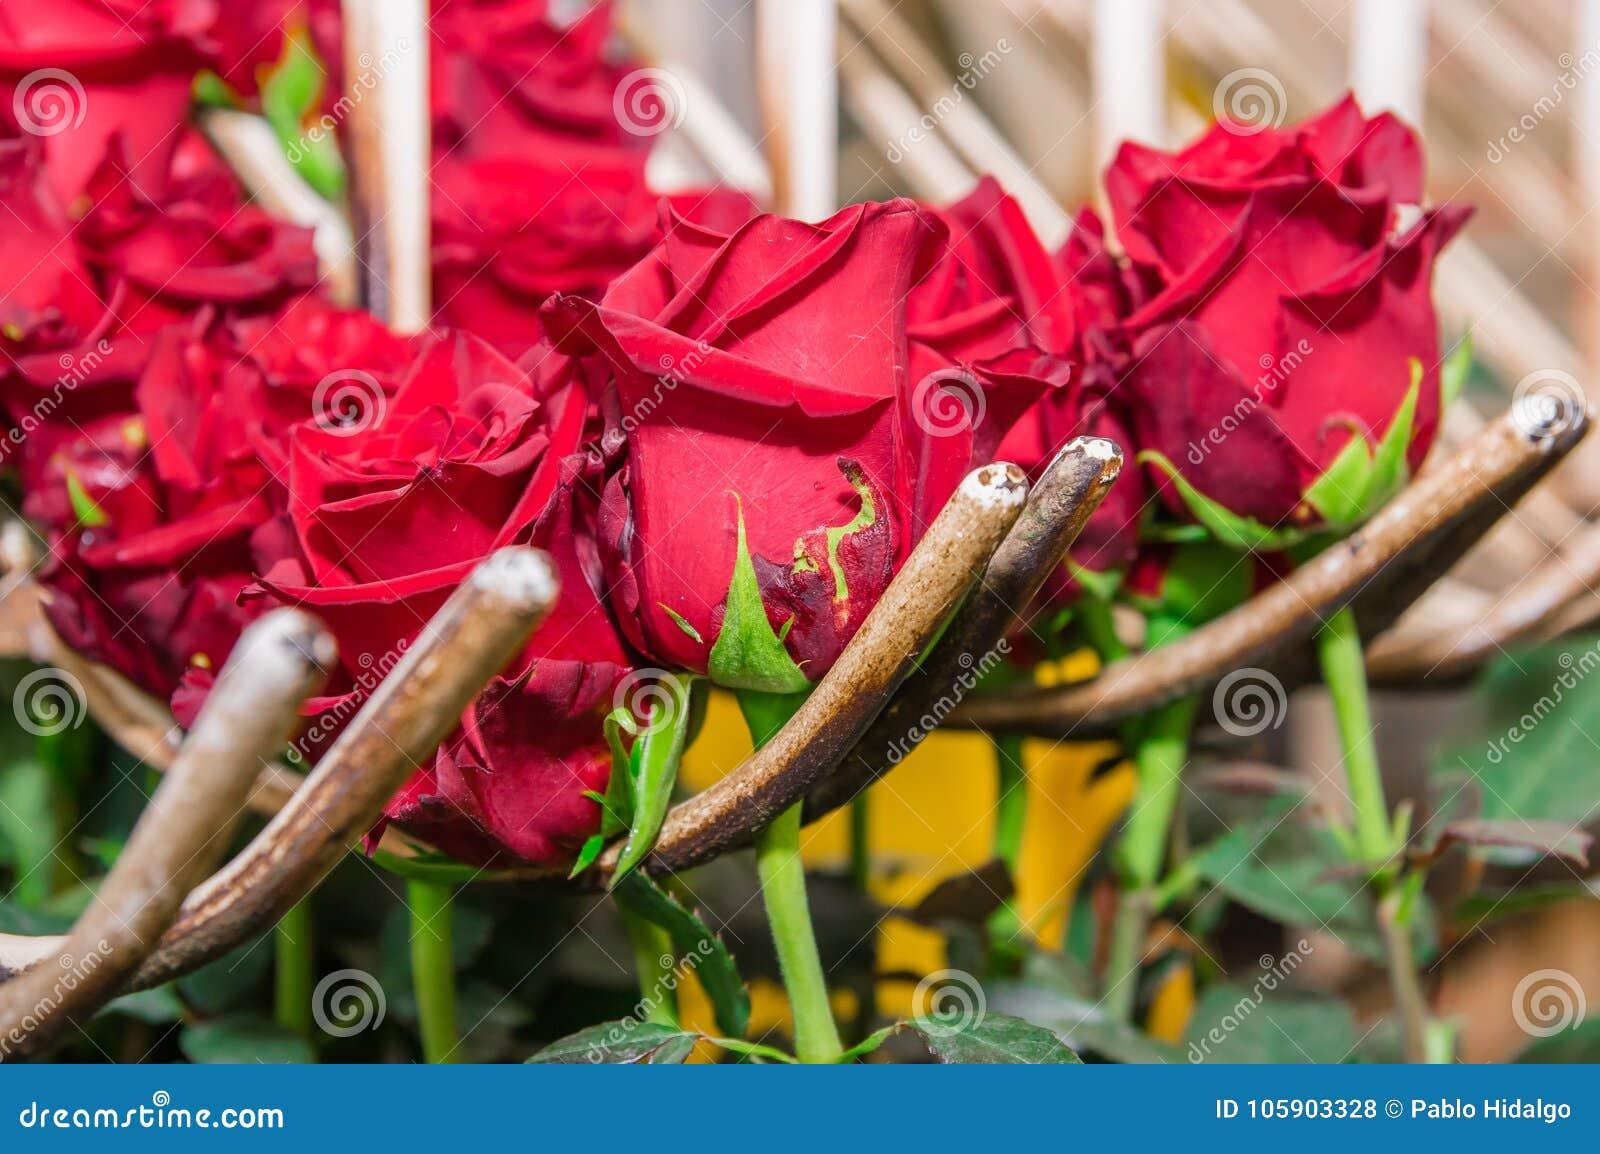 Ciérrese Para Arriba De Las Rosas Rojas Que Cuelgan De Una